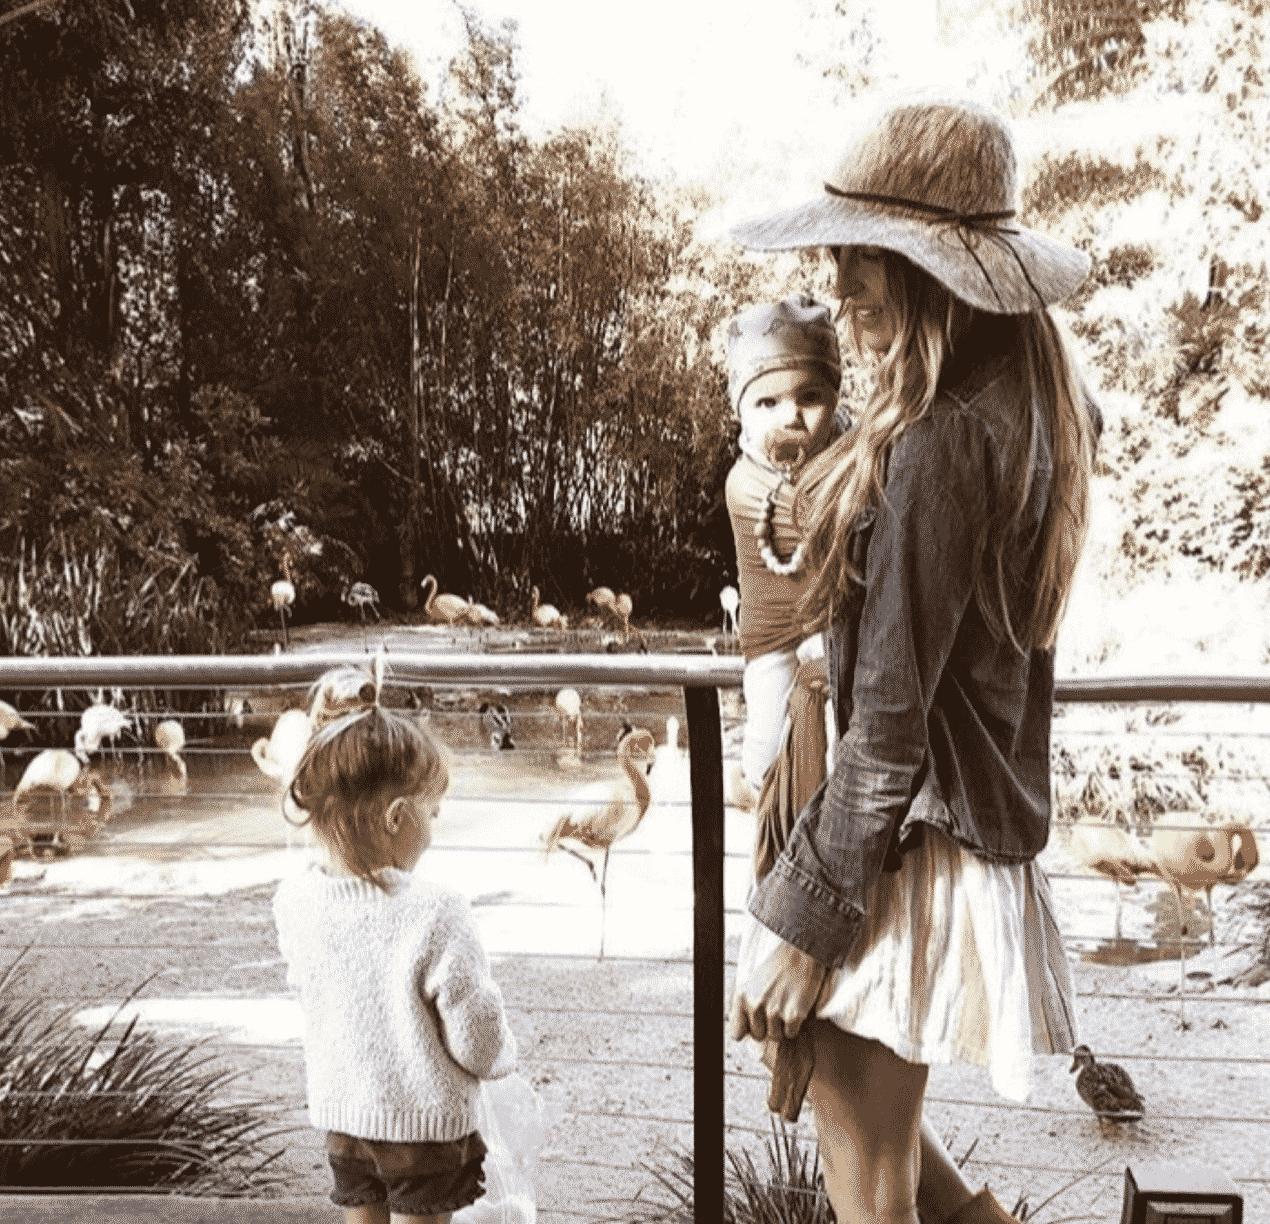 au pair staat bij de dierentuin met flamingo's en een baby op haar buik. De au pair heeft op haarhoofd een zomerse zomerhoed.